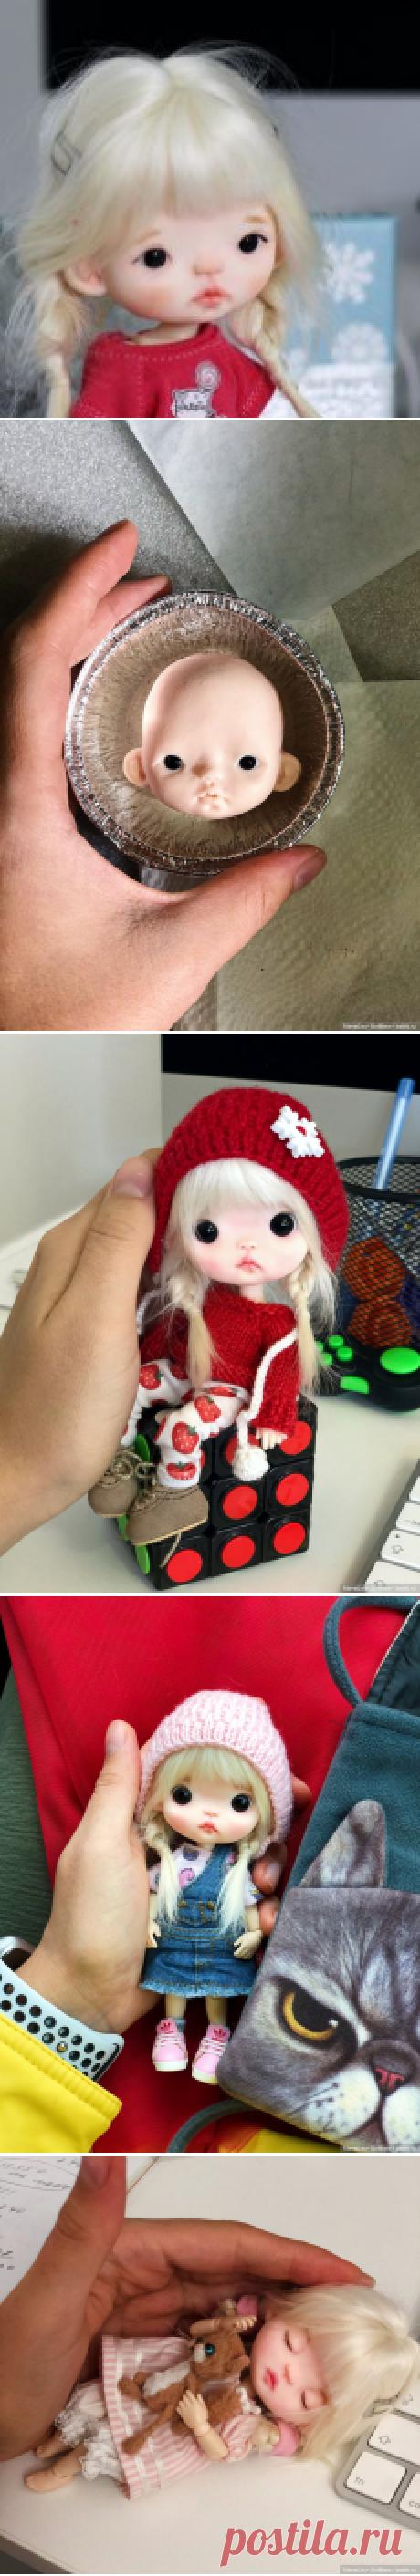 Мои первые крошки / Авторские куклы своими руками, ручной работы / Бэйбики. Куклы фото. Одежда для кукол